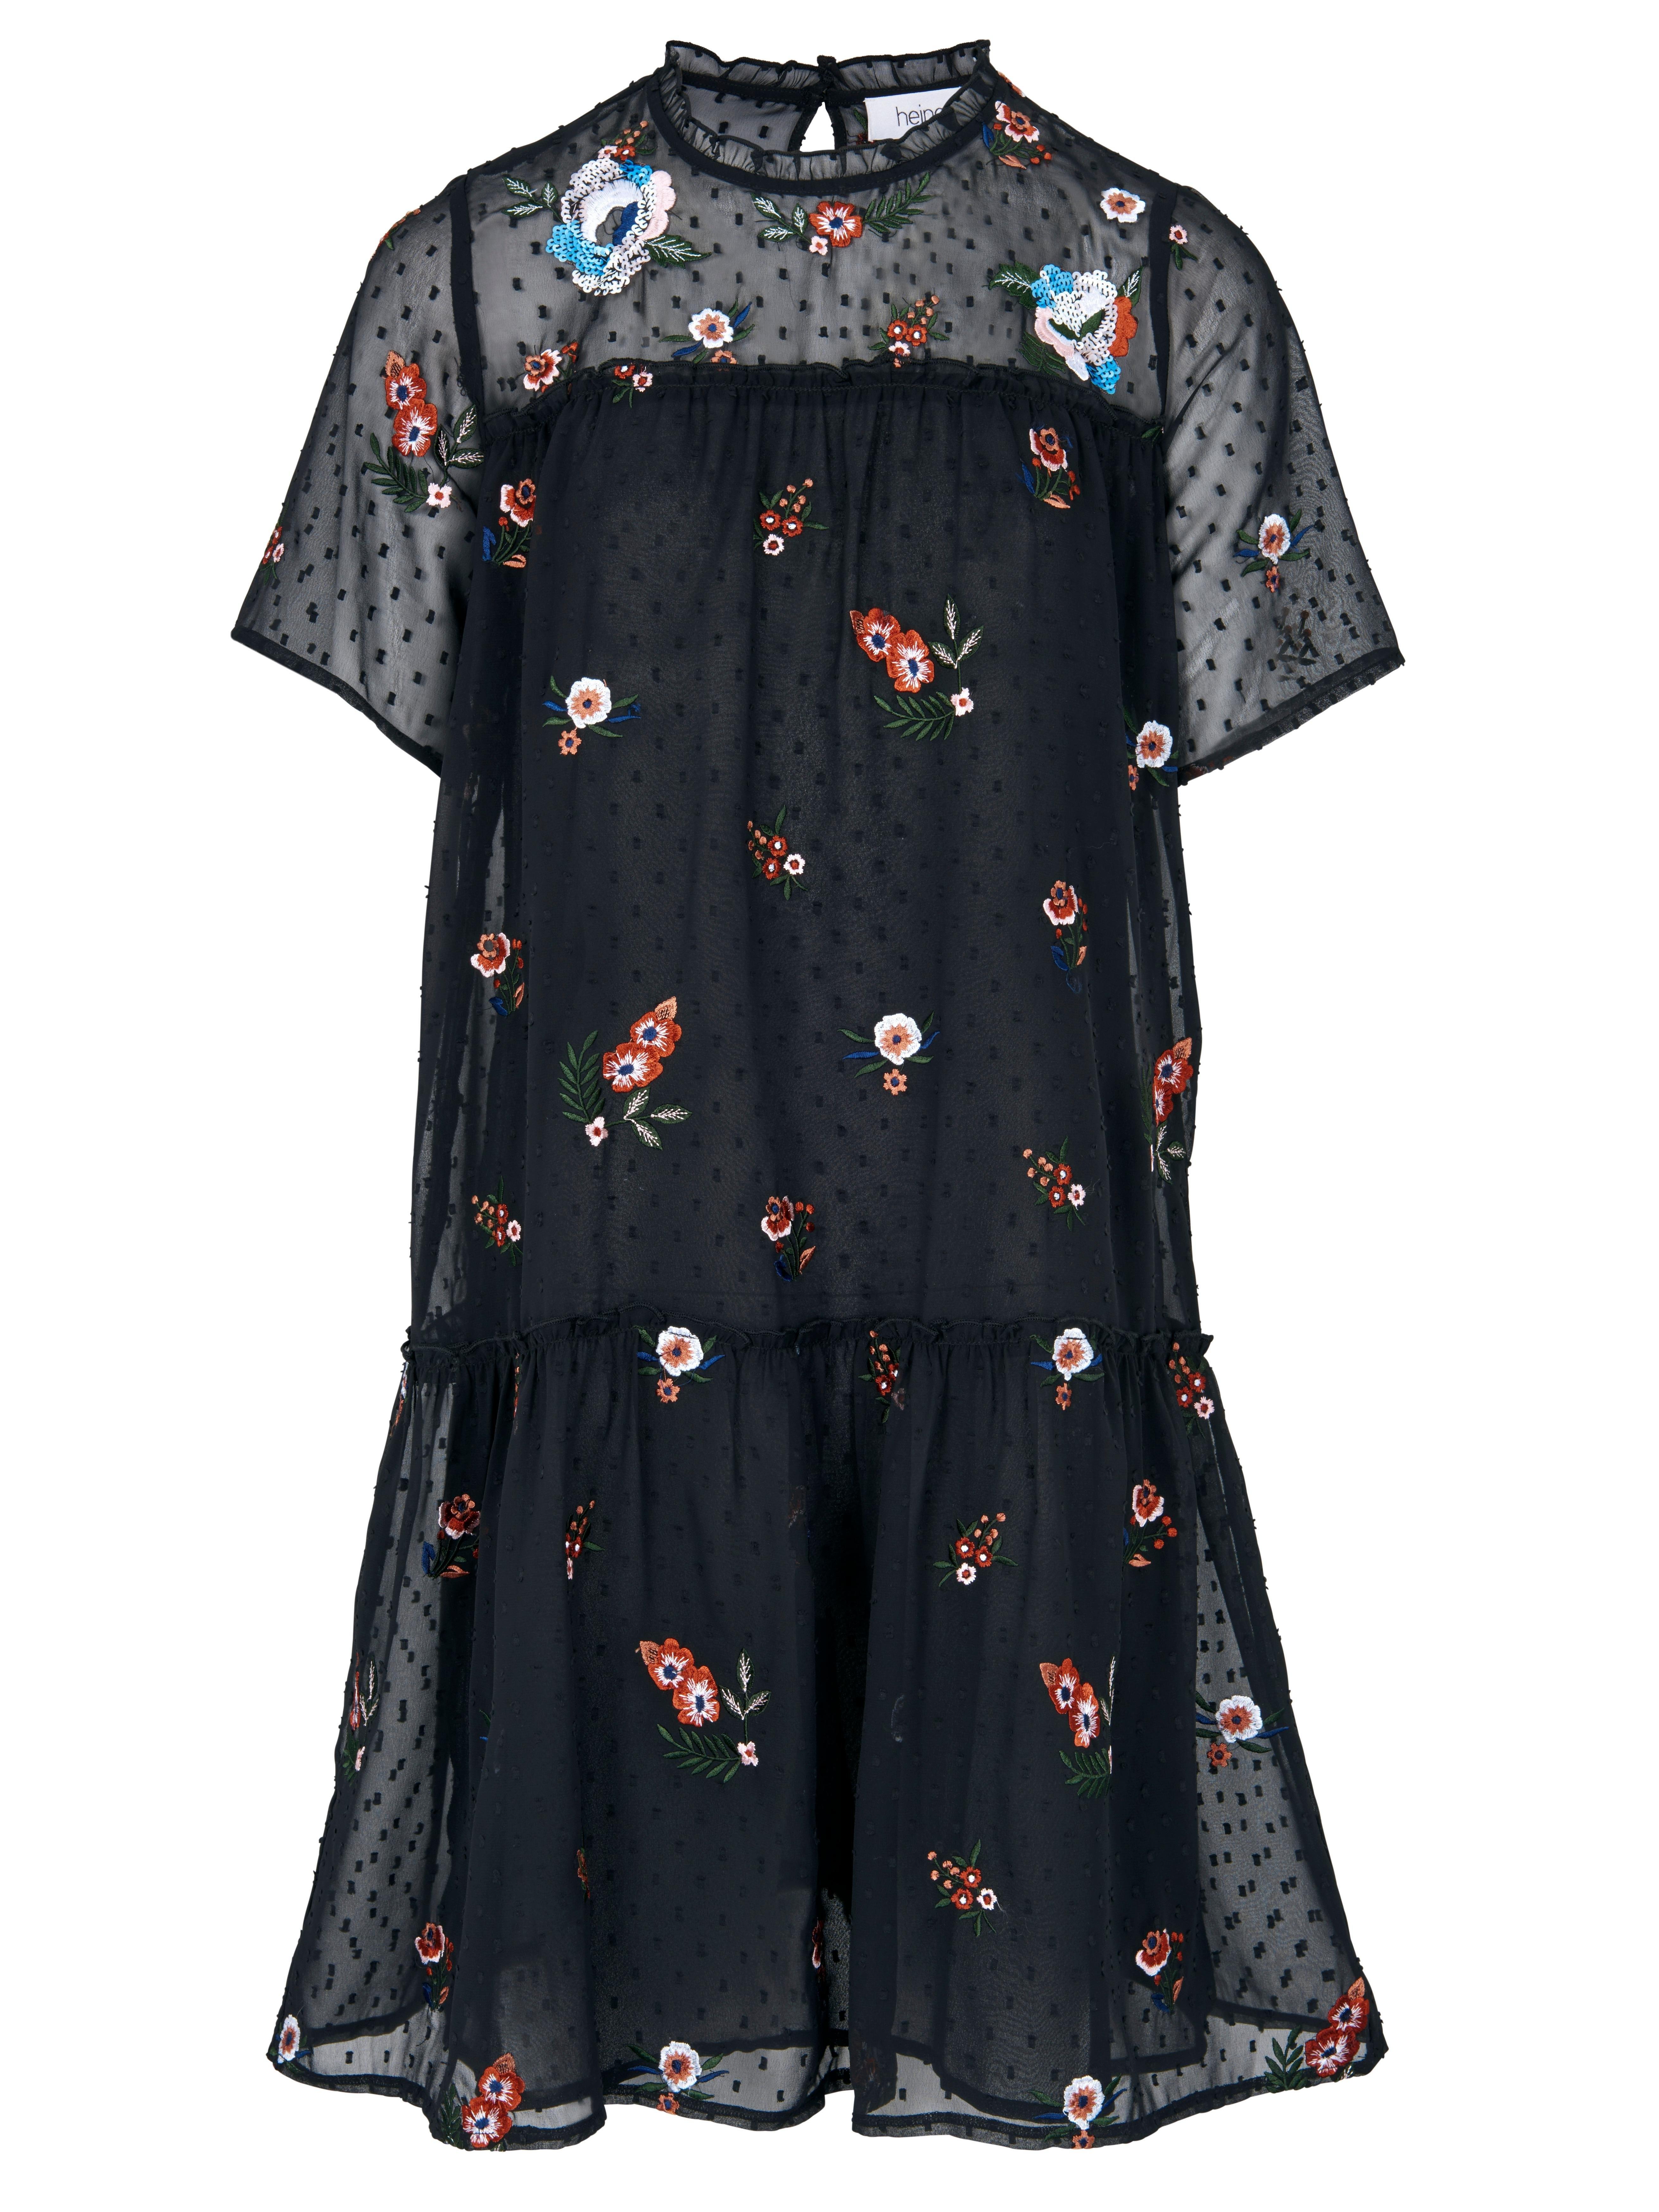 heine Kanten jurk bestellen: 14 dagen bedenktijd